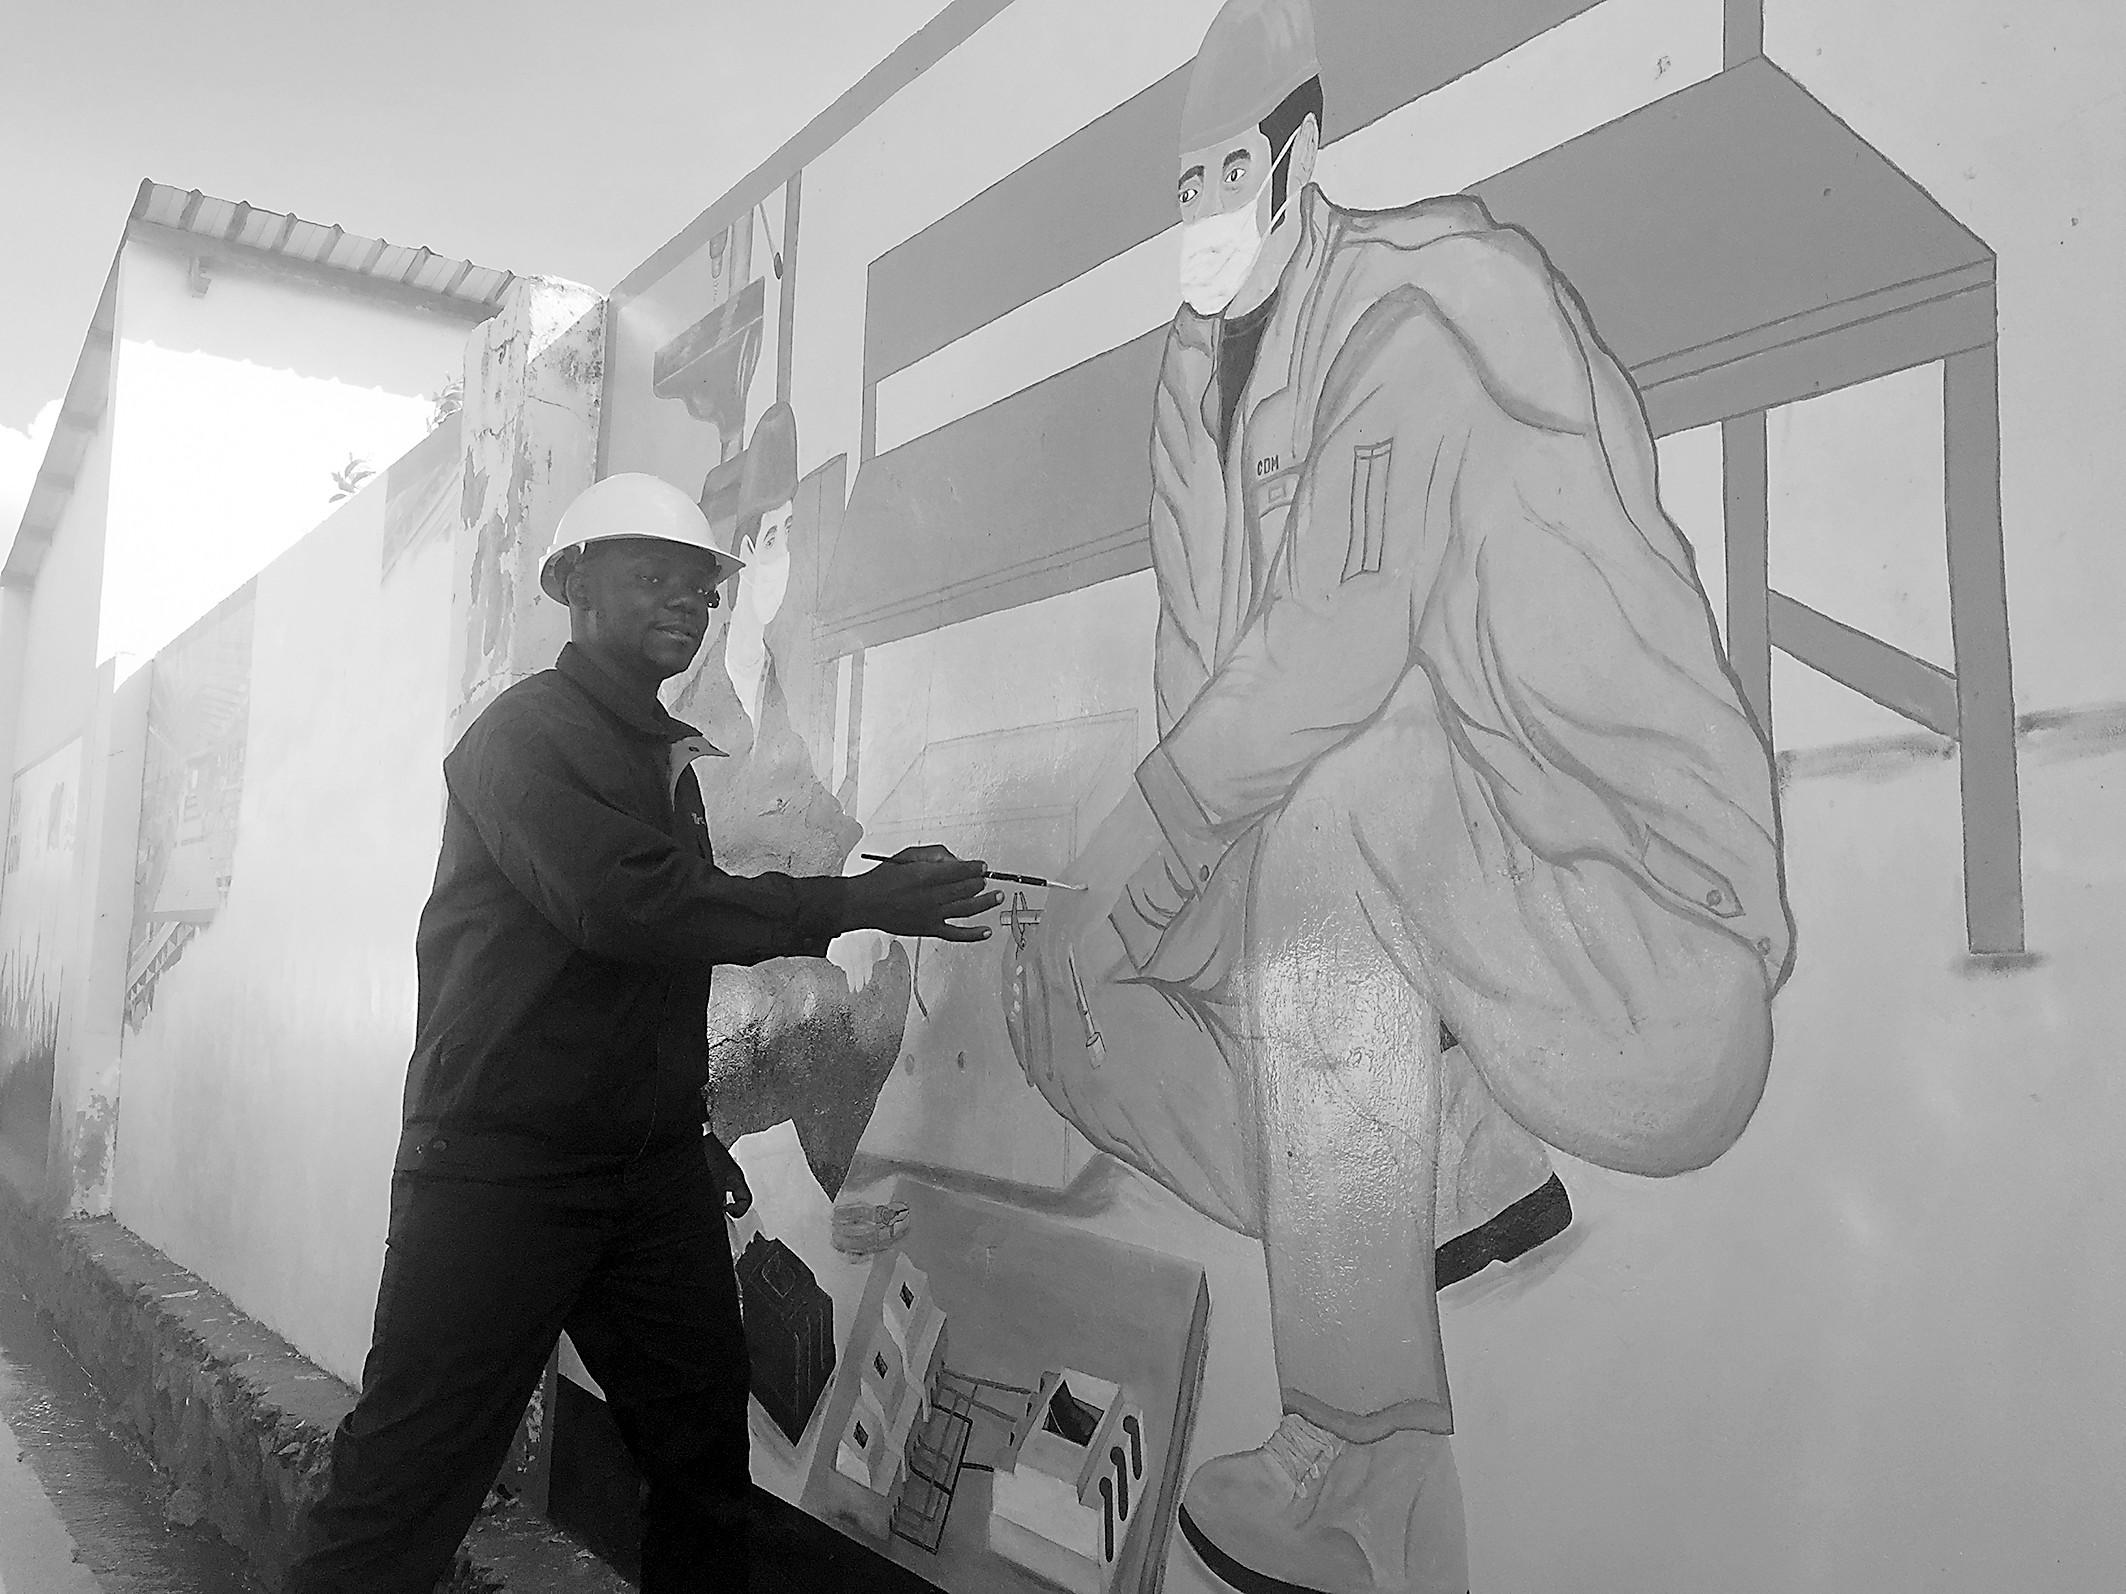 随心展示风土人情:在民主刚果 人人都可当画师